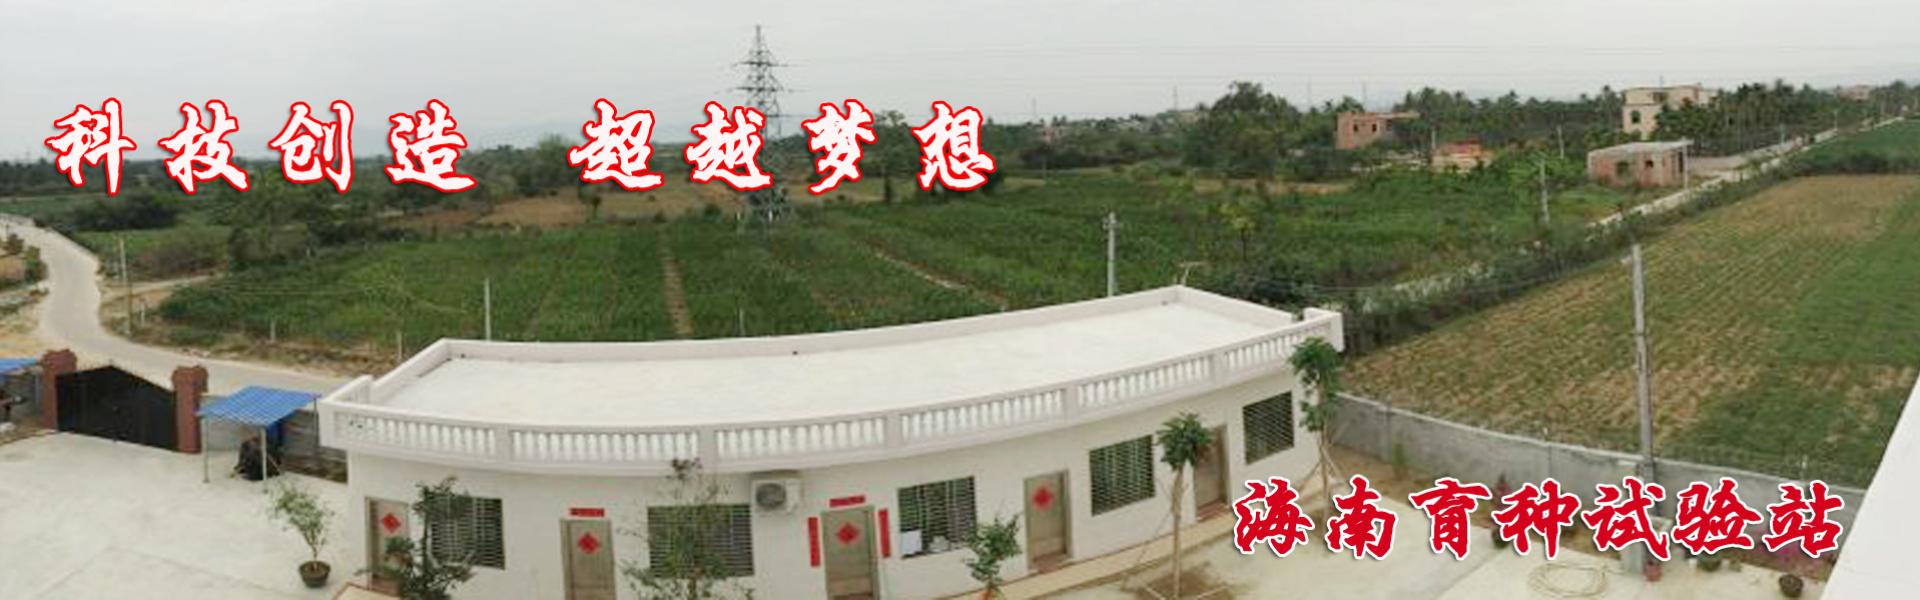 大豆种子品种